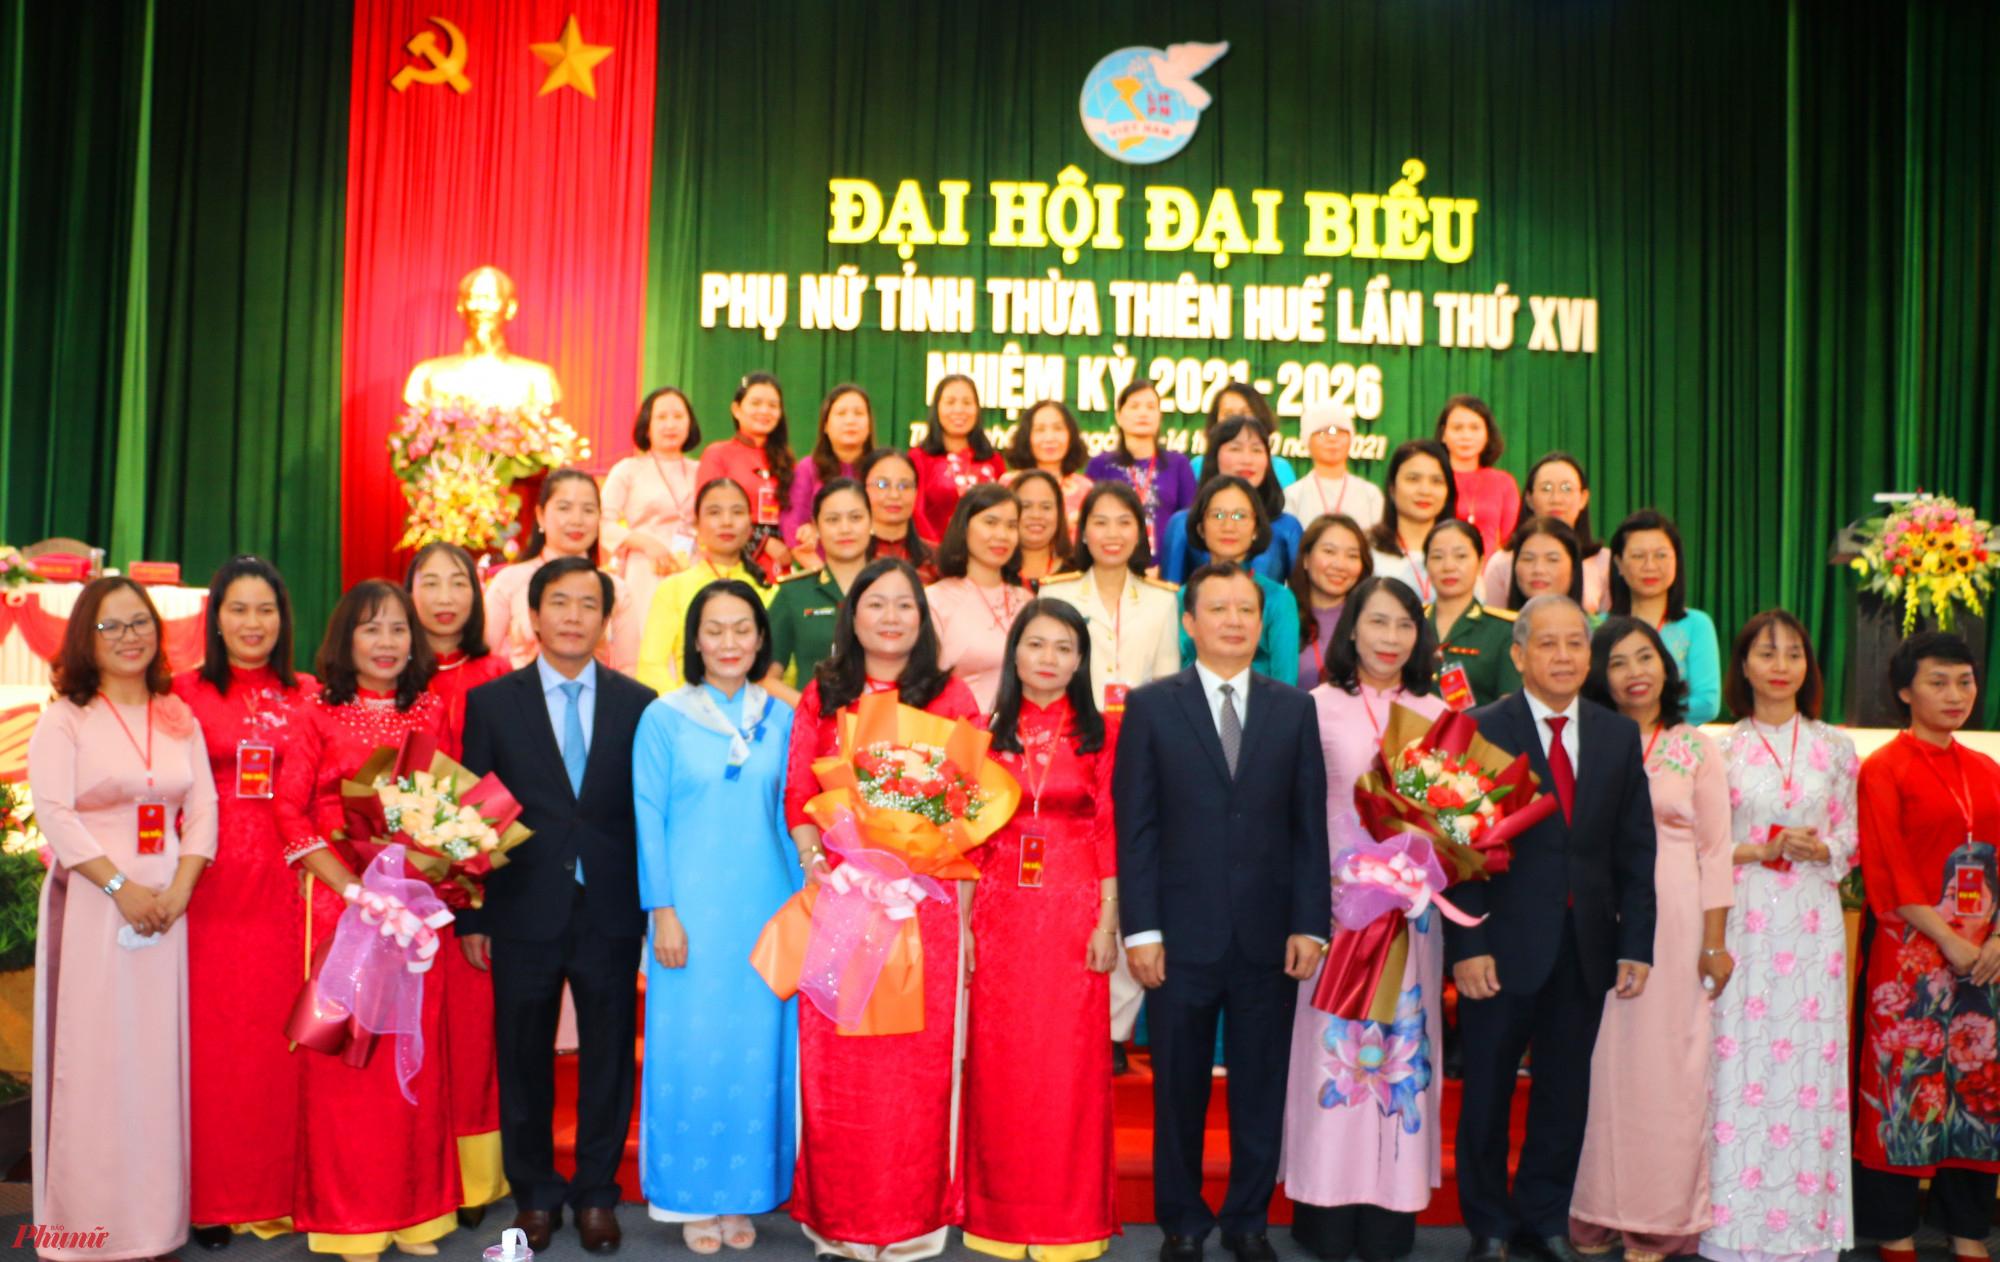 Ra mắt Ban chấp hành Hội LHPN tỉnh Thừa Thiên - Huế nhiệm kỳ 2021-2026